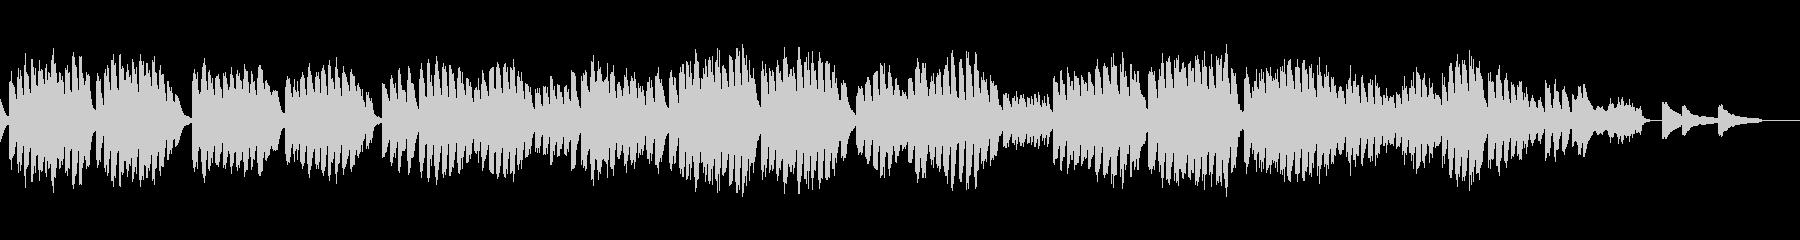 エチュード 作品25-3 オルゴールの未再生の波形